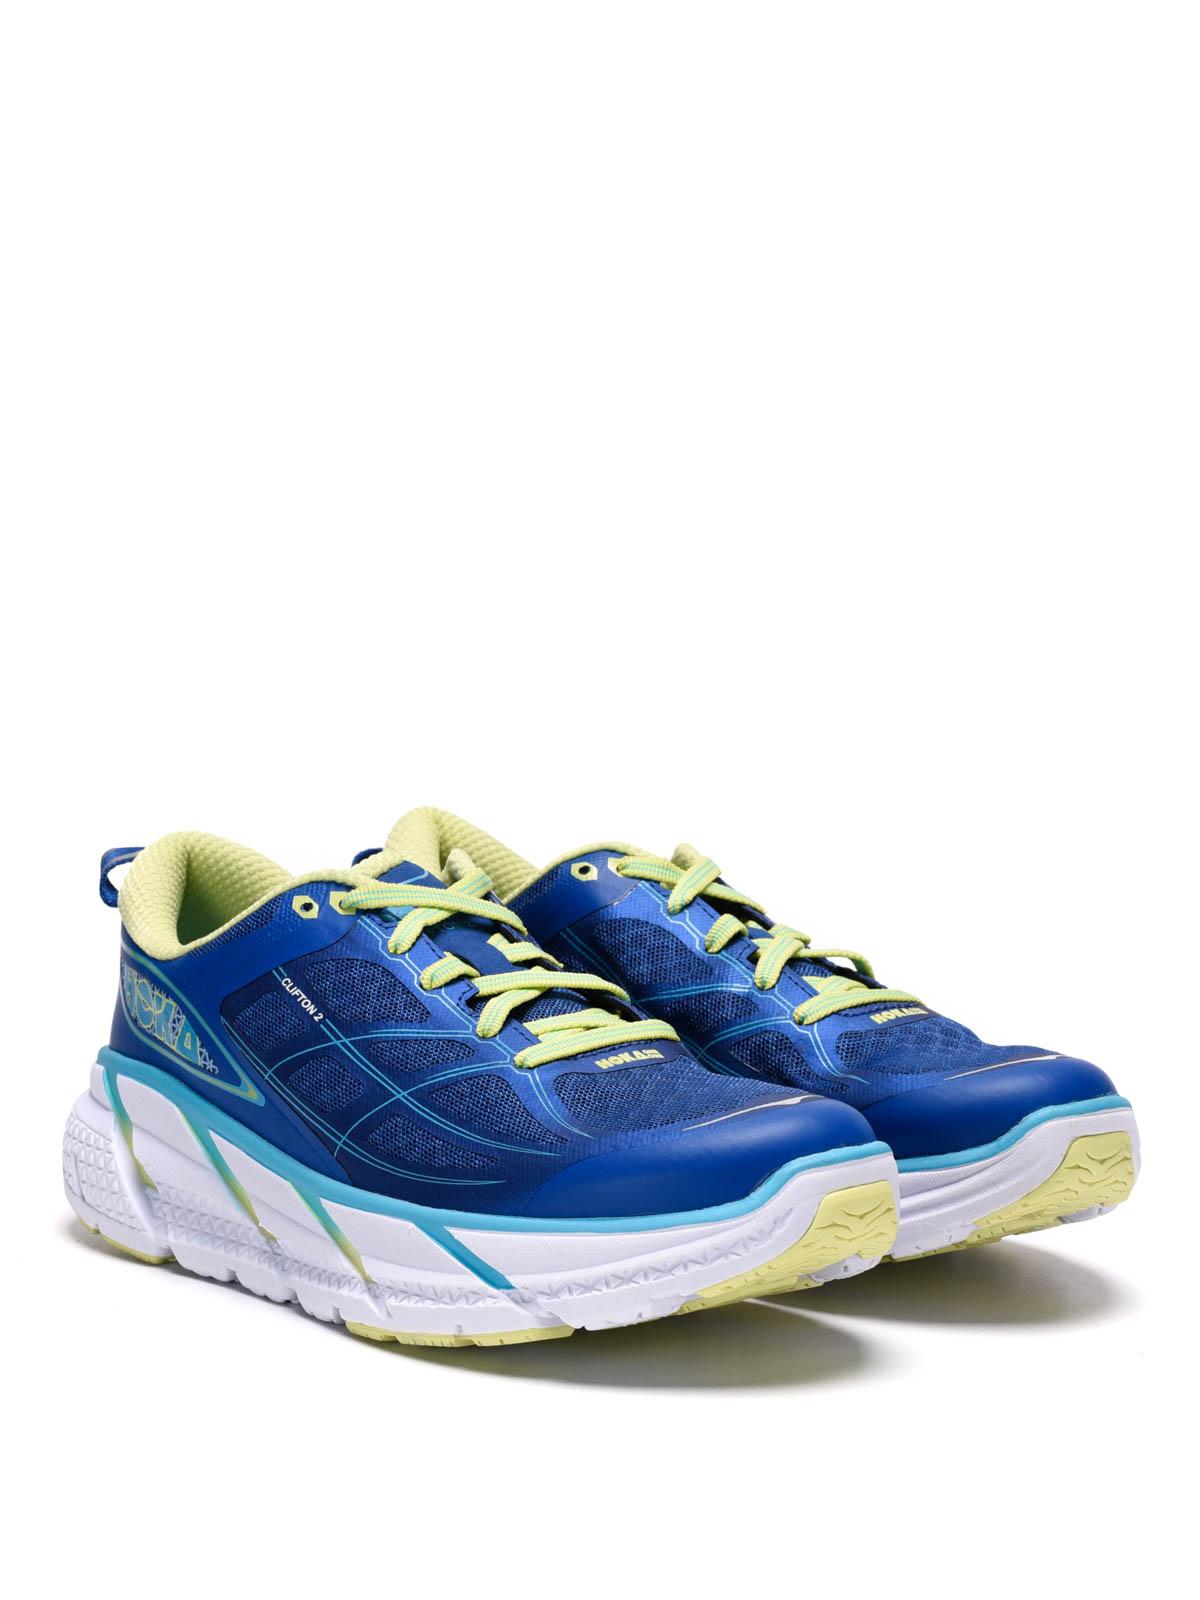 Hoka One One - Clifton 2 sneakers